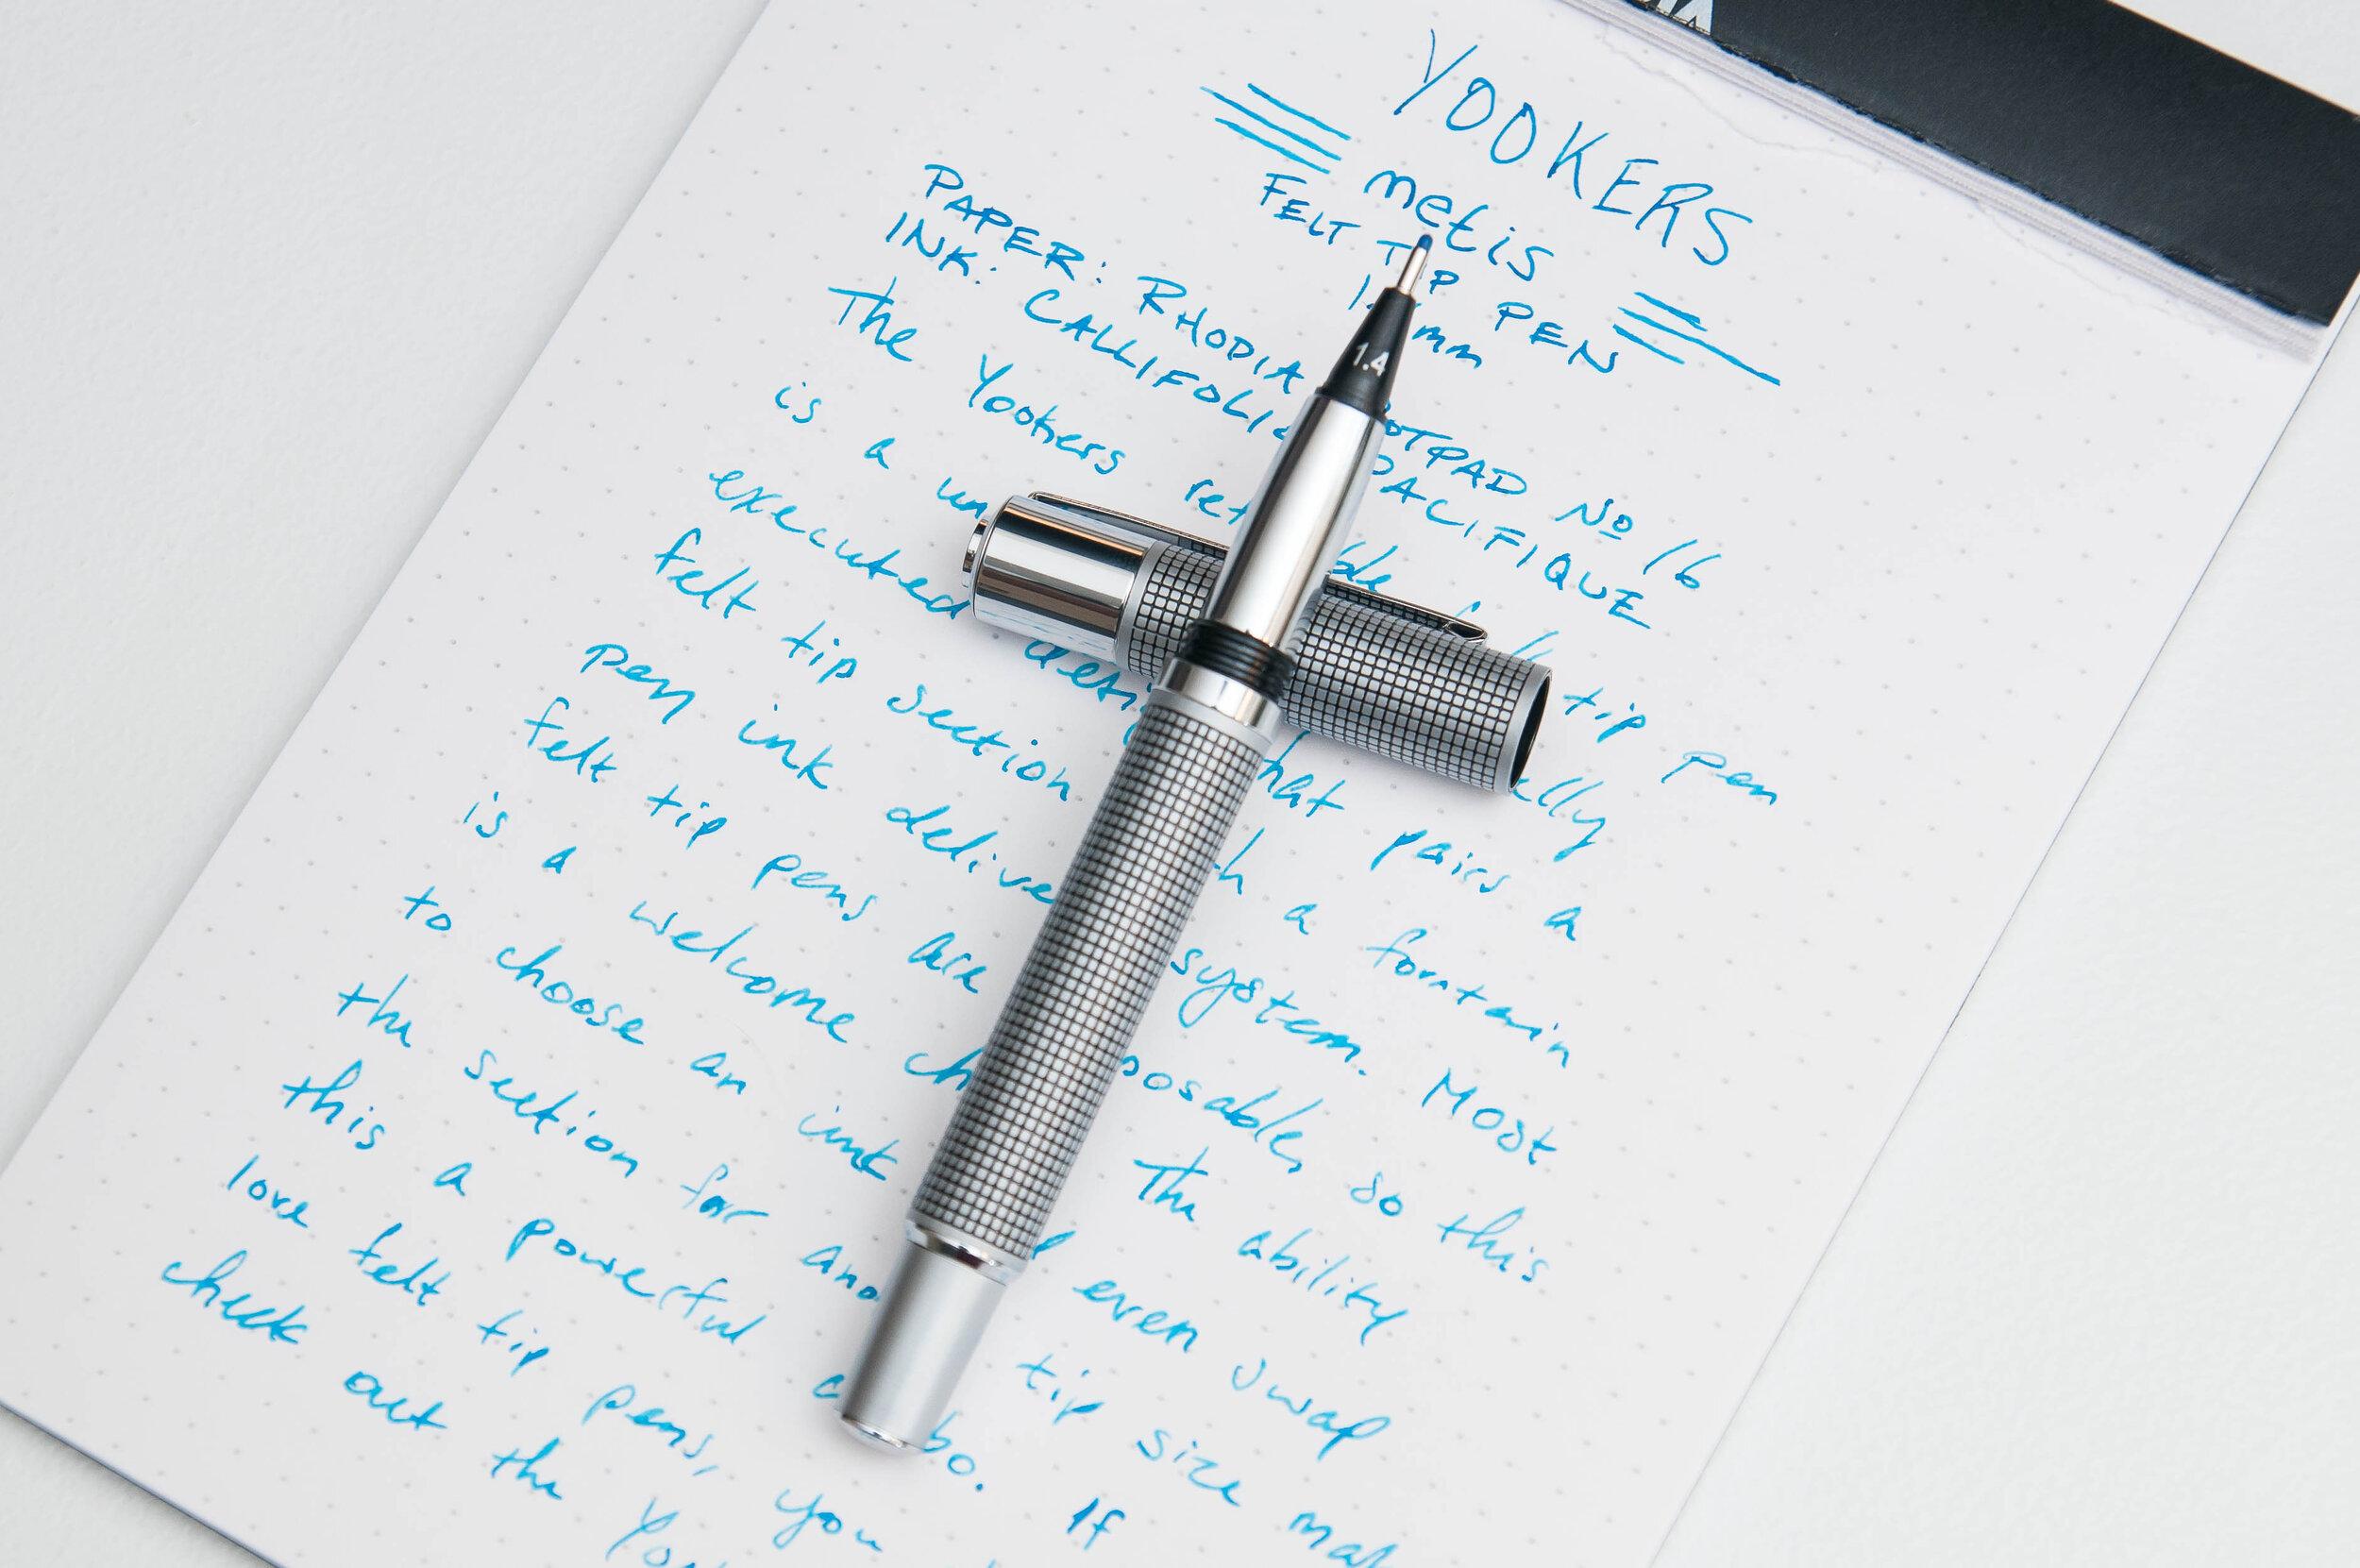 Yookers Metis Felt-tip Pen